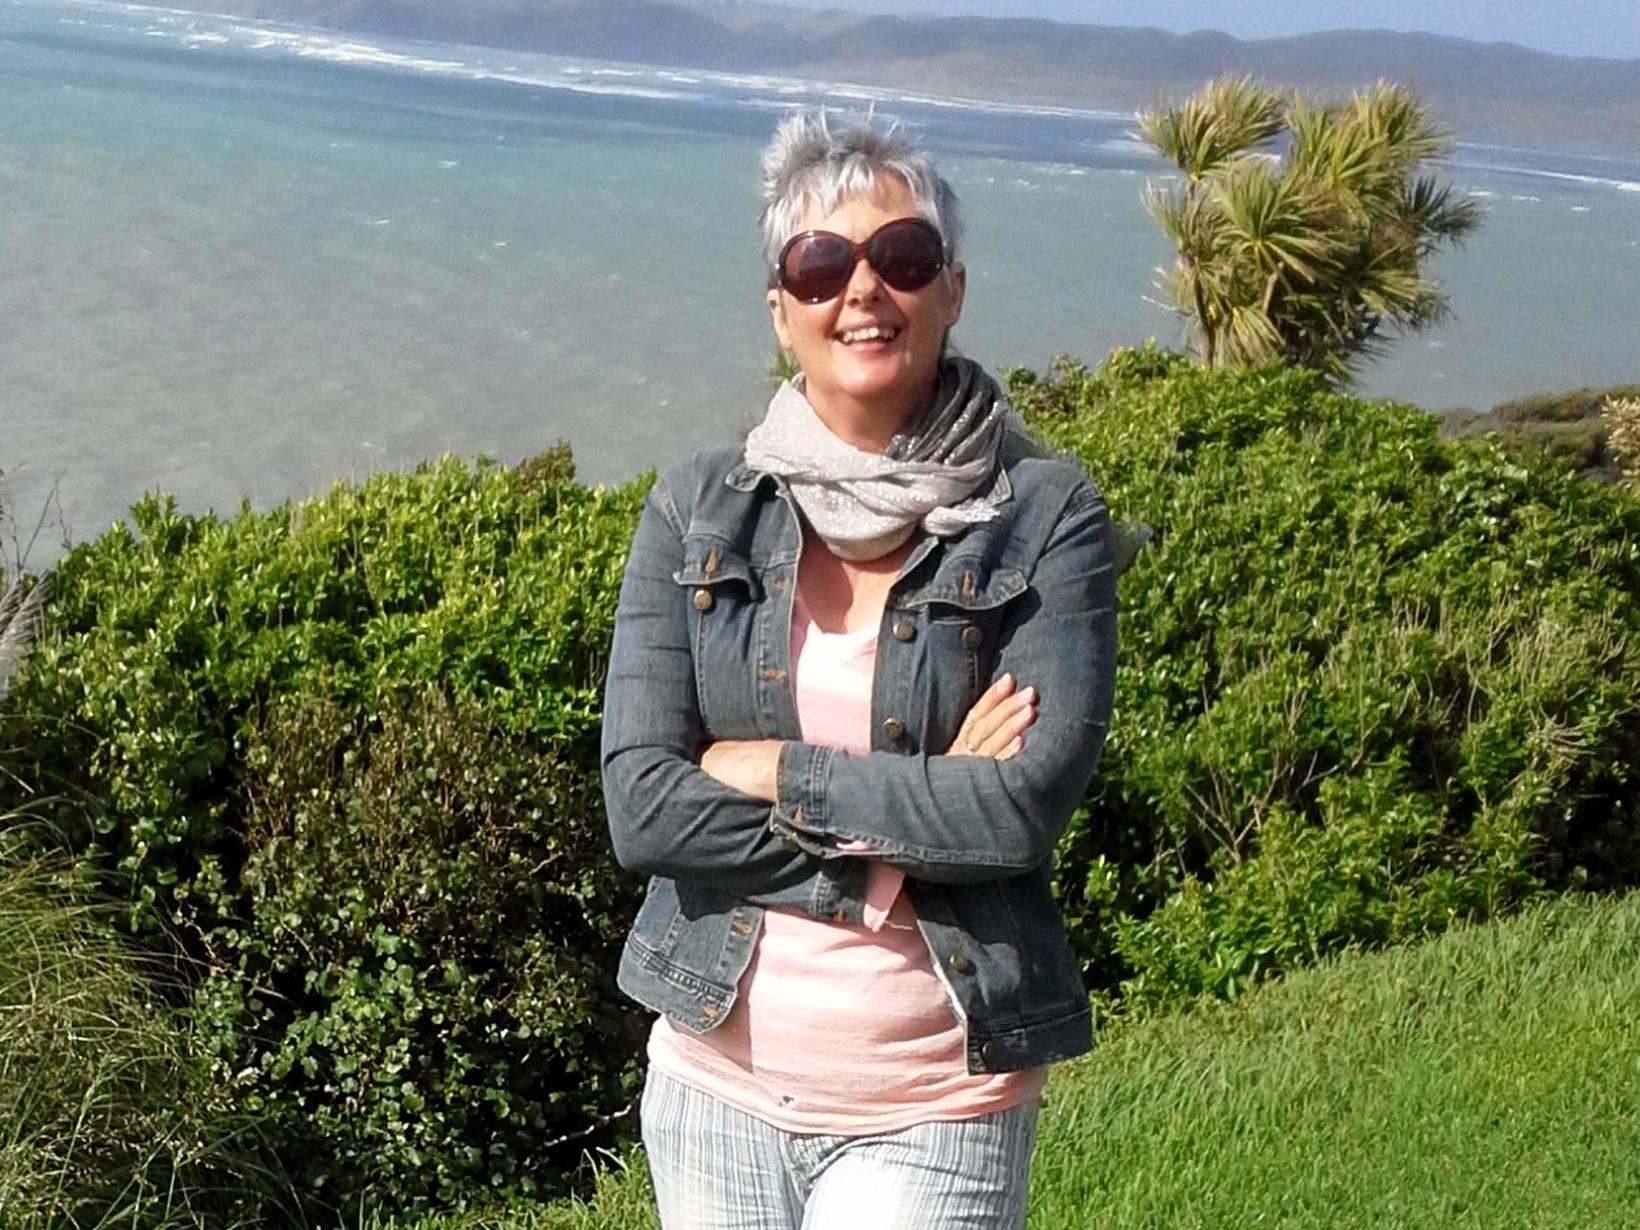 Sue from Brisbane, Queensland, Australia